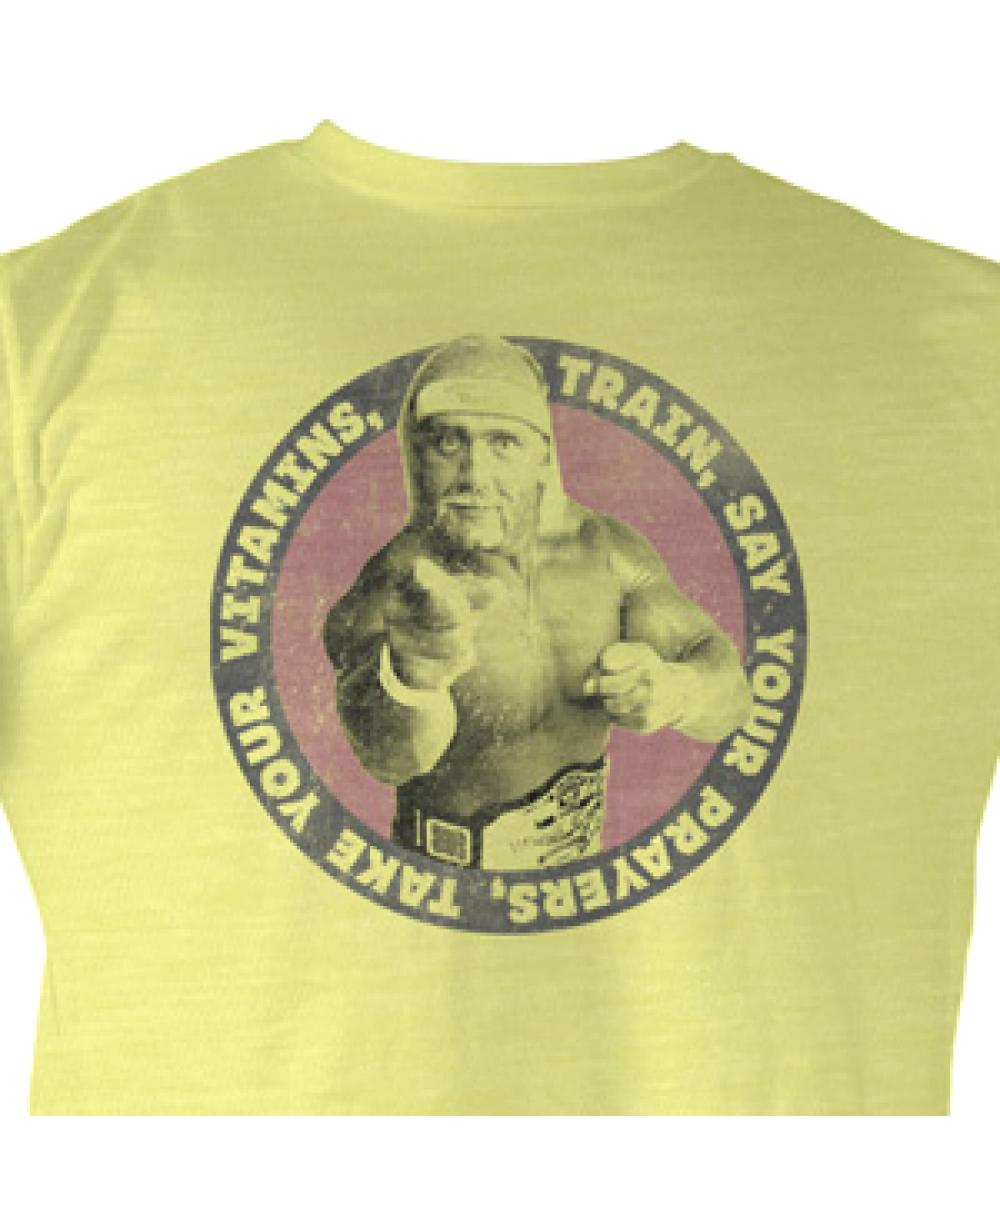 Hulk Hogan Quotes Say Your Prayers